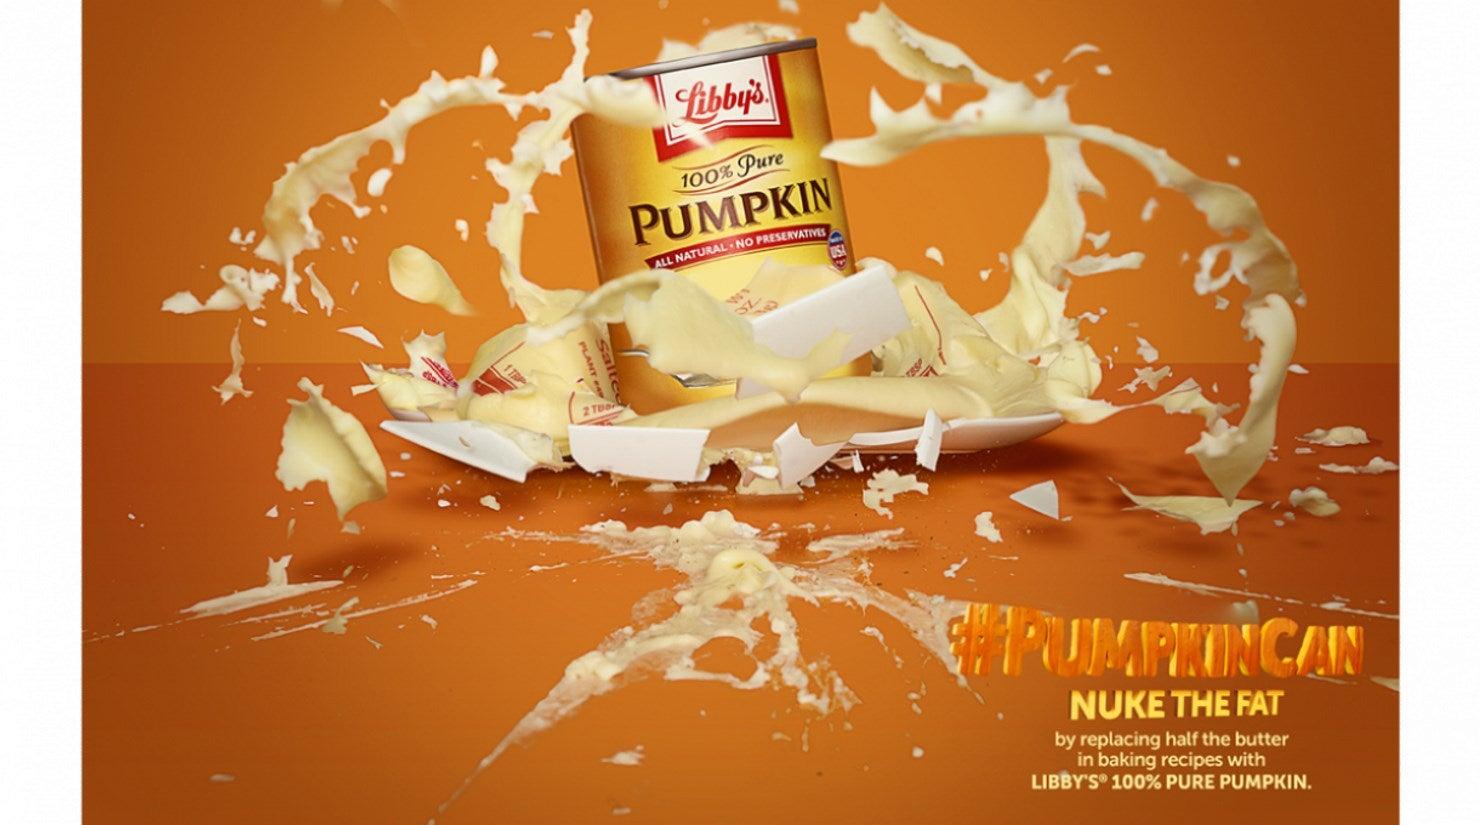 PumpkinCanPosters_Butter_desktop.jpg